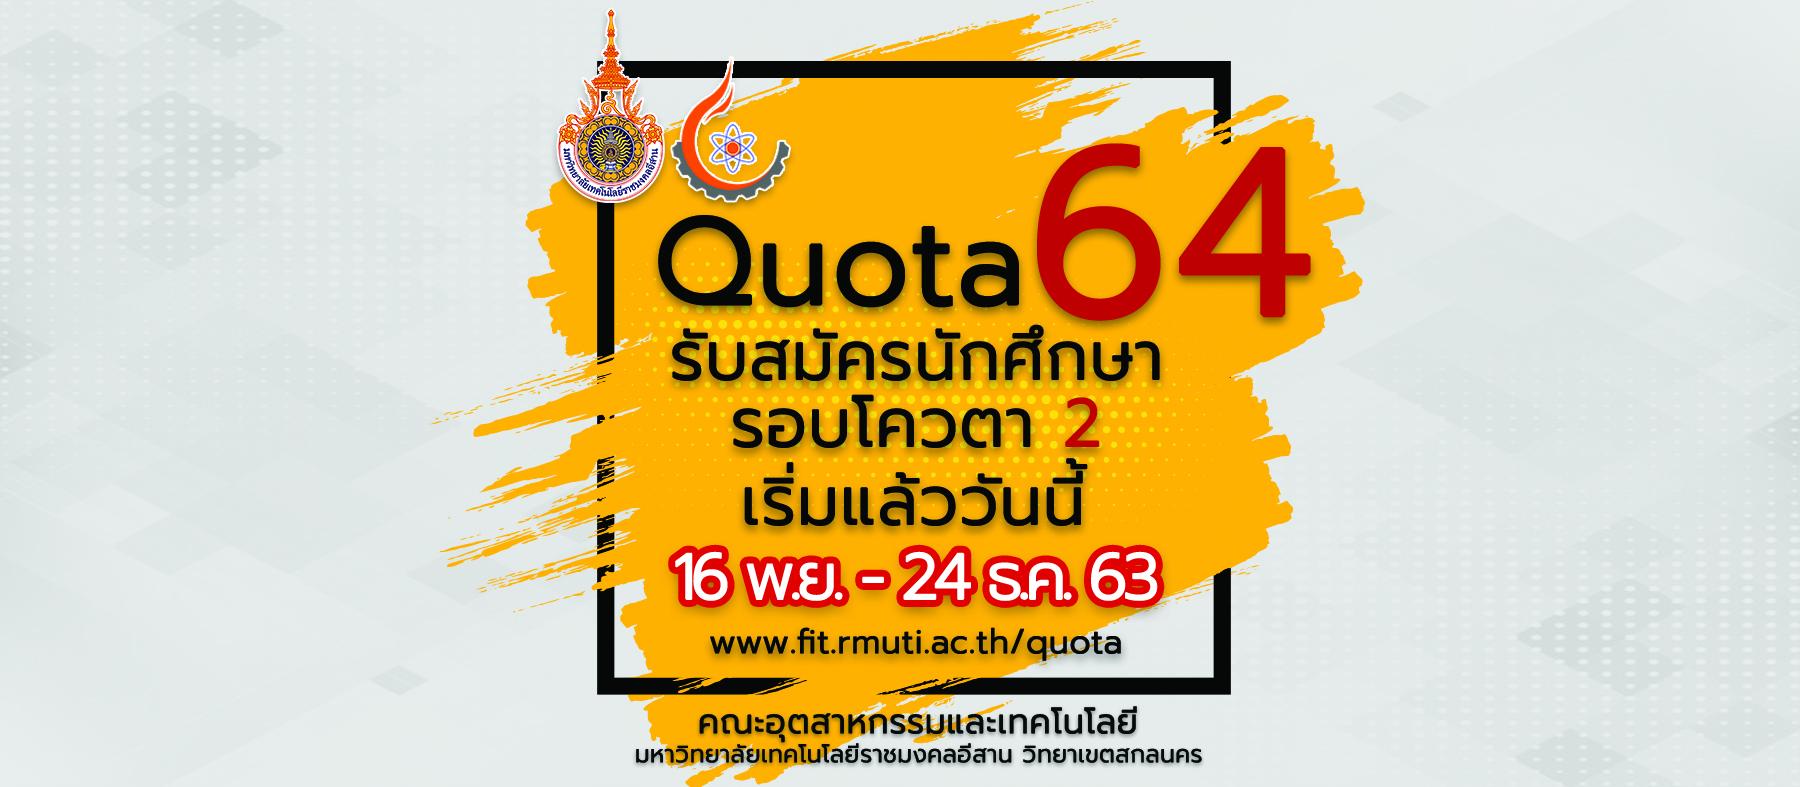 quota_64